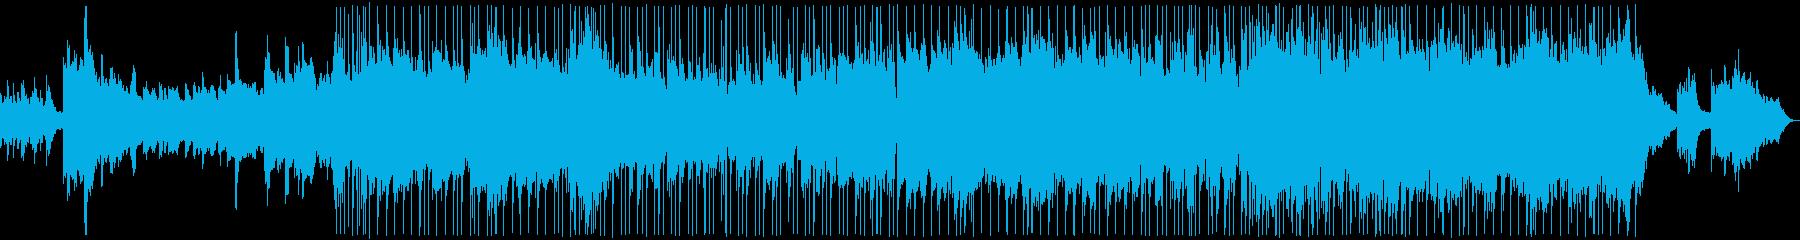 エレピが心地よいバラードの再生済みの波形